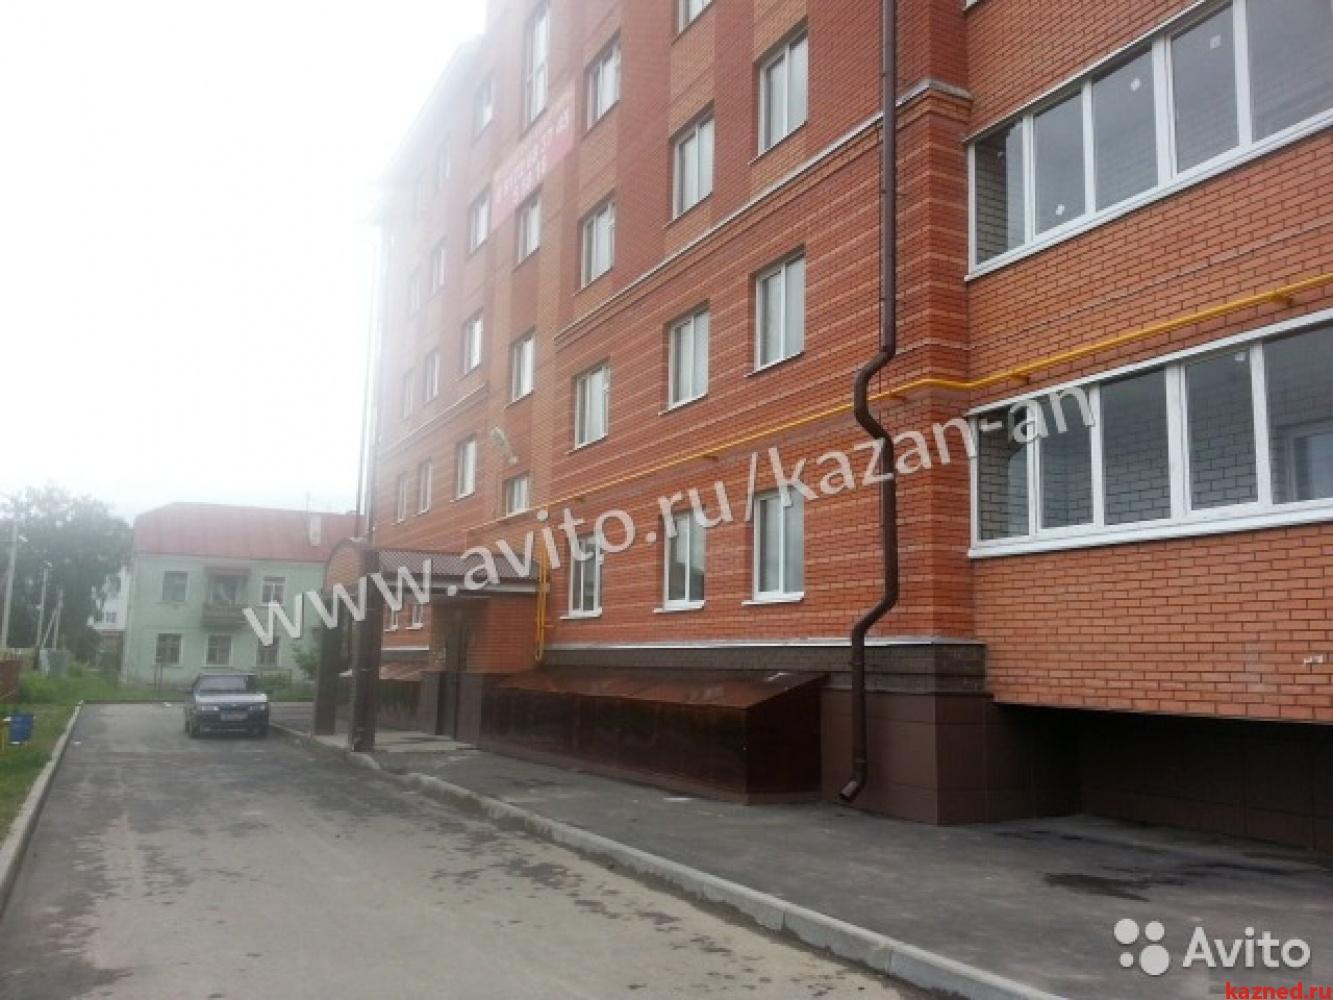 Продажа 2-к квартиры Комсомольская, д. 26, 74 м²  (миниатюра №2)